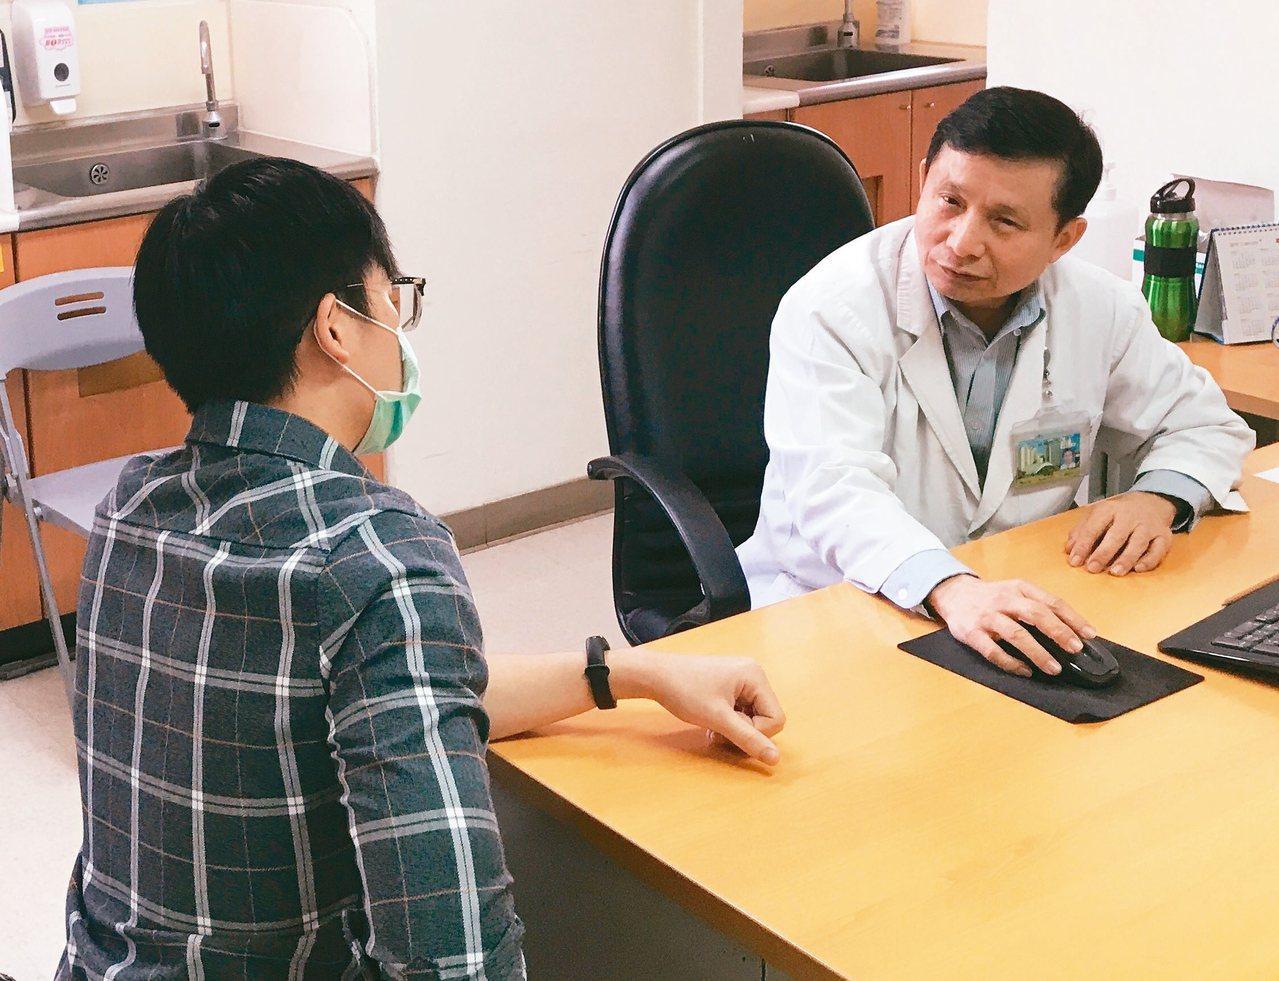 高醫泌尿部主治醫師周以和(右)提醒,陰莖部位血流豐富,萬一不小心發生意外「斷根」...